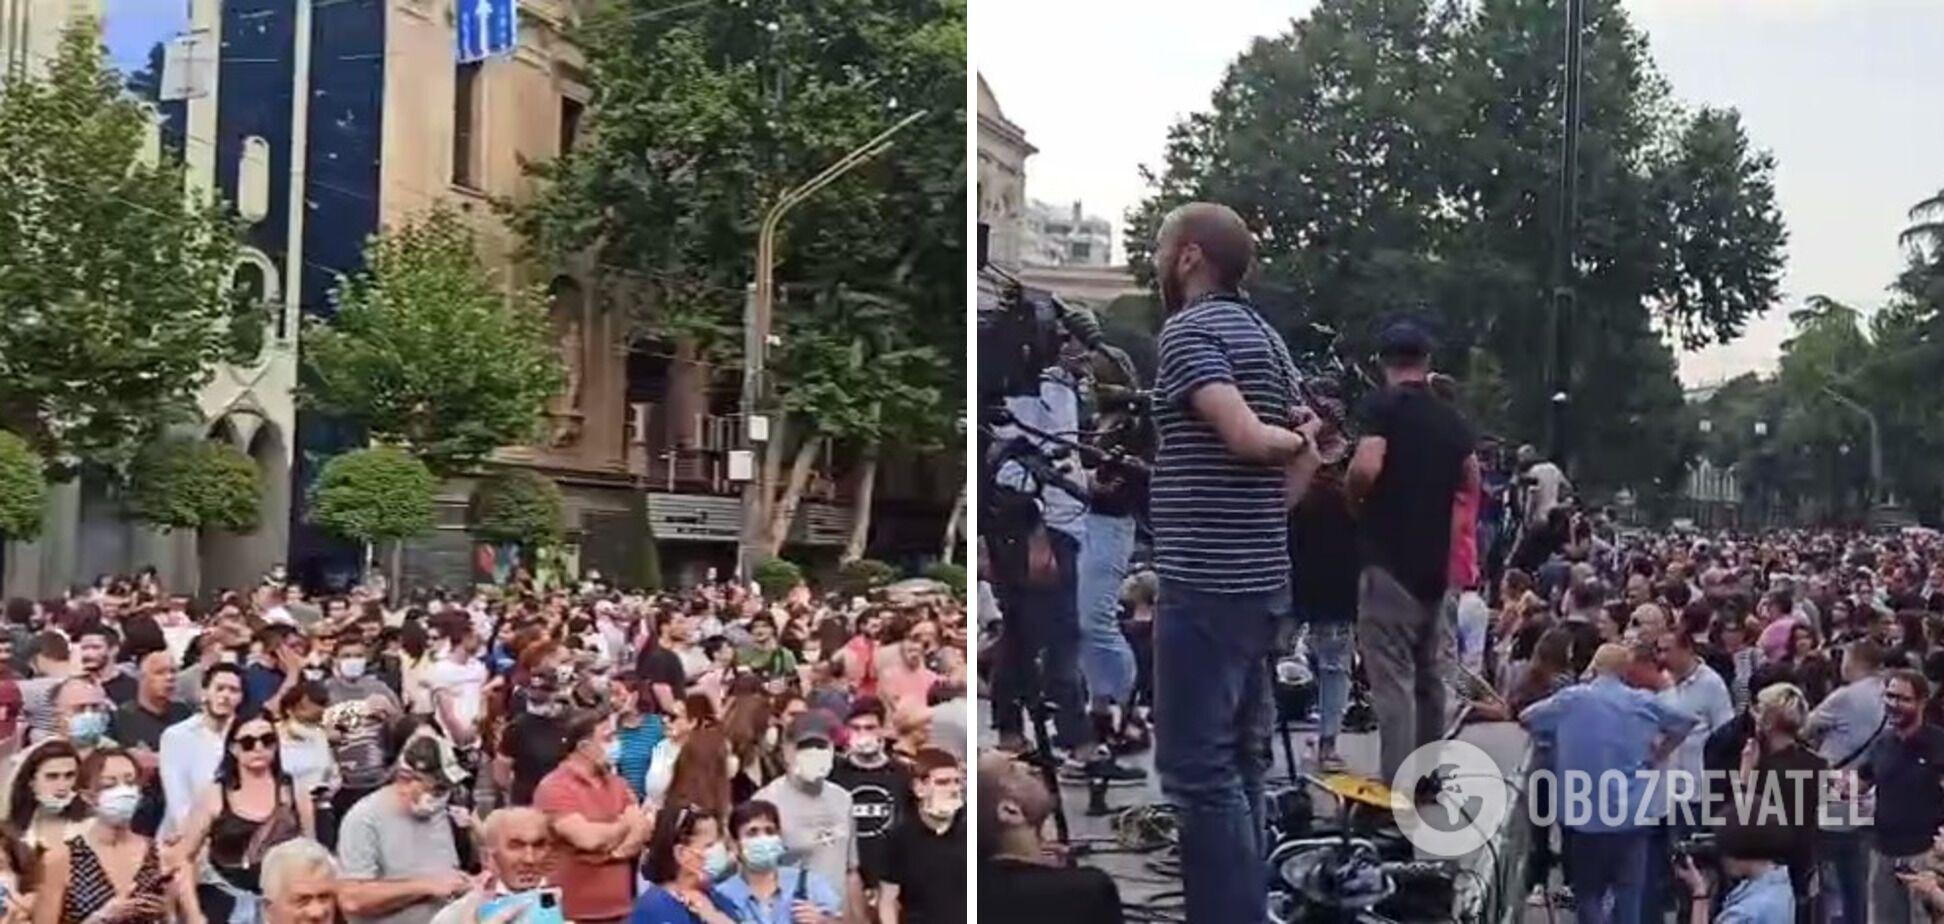 Участники митинга требовали отставки грузинского правительства